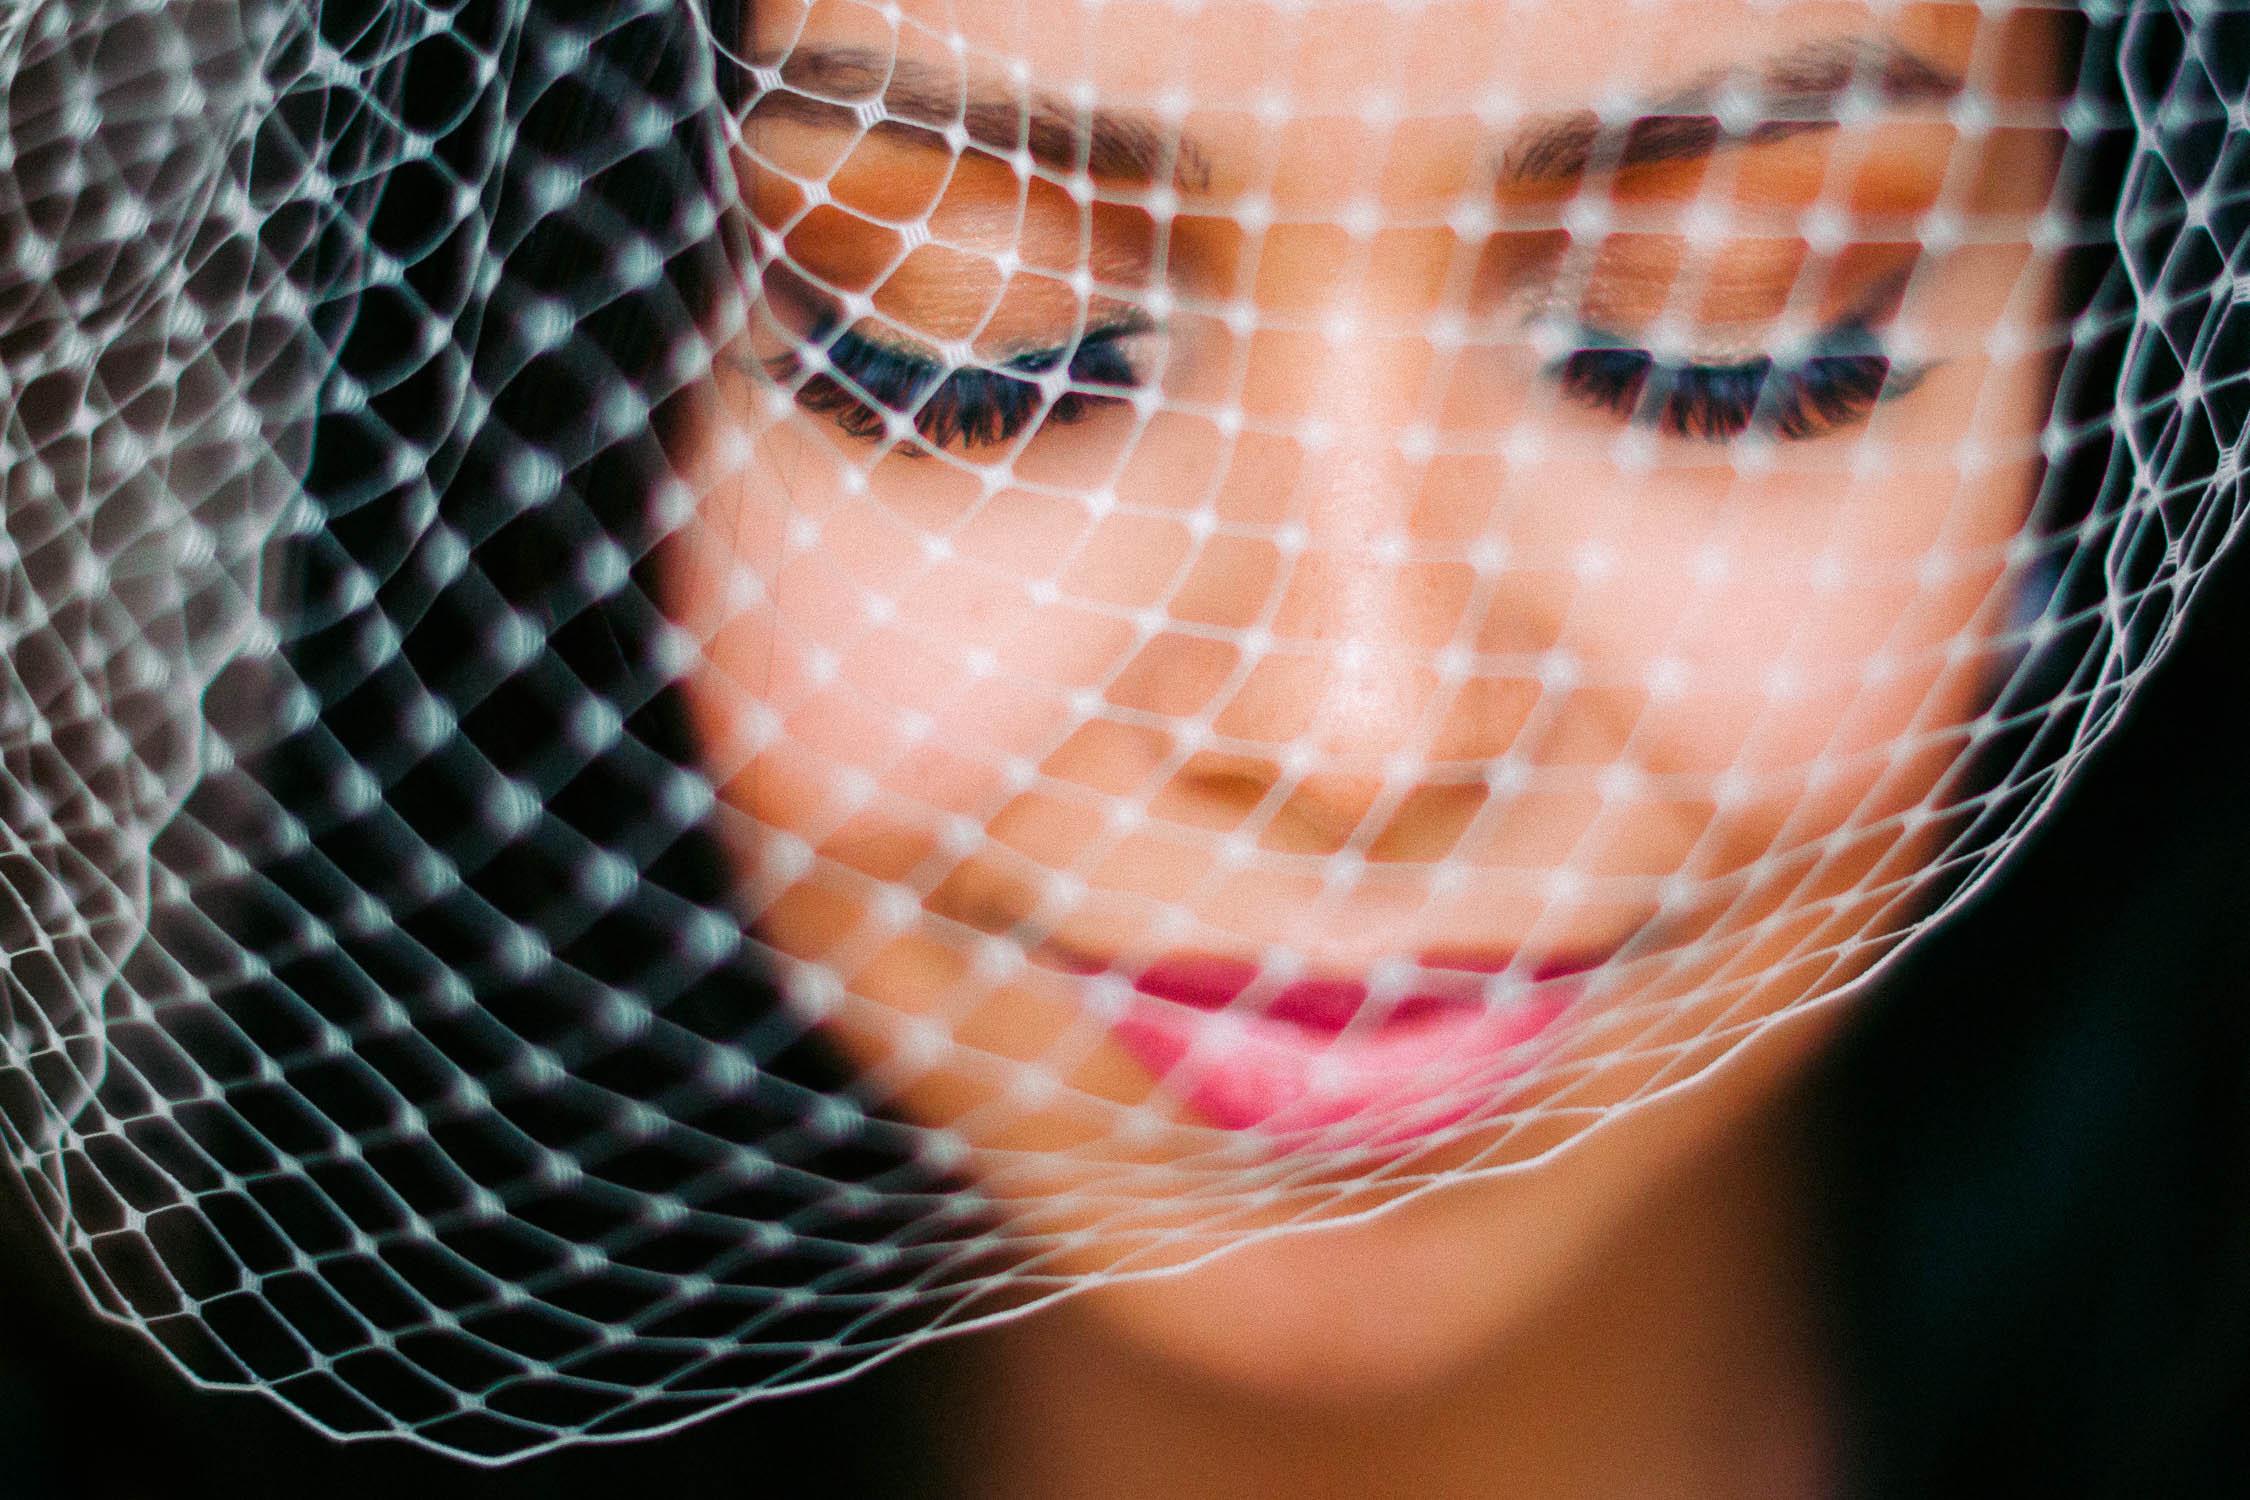 Bruidsfotograaf Peter van der Lingen